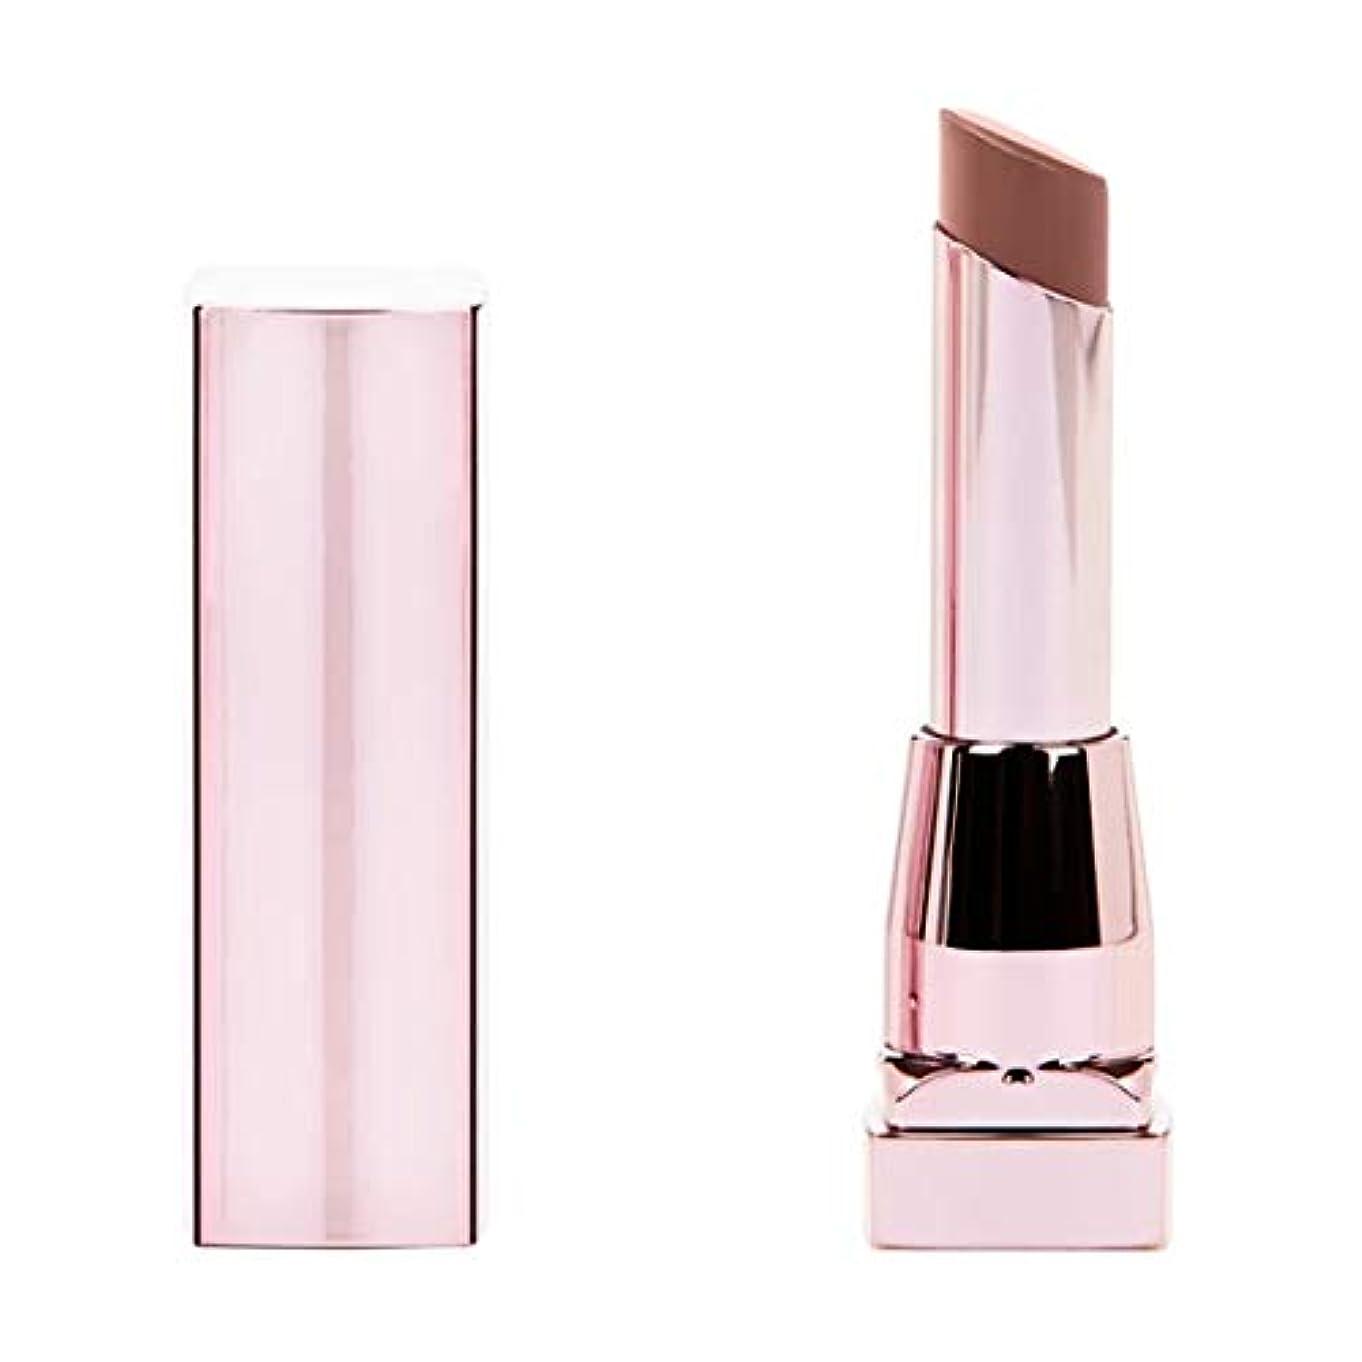 磁石乱用スパイラル(6 Pack) MAYBELLINE Color Sensational Shine Compulsion Lipstick - Chocolate Lust 060 (並行輸入品)